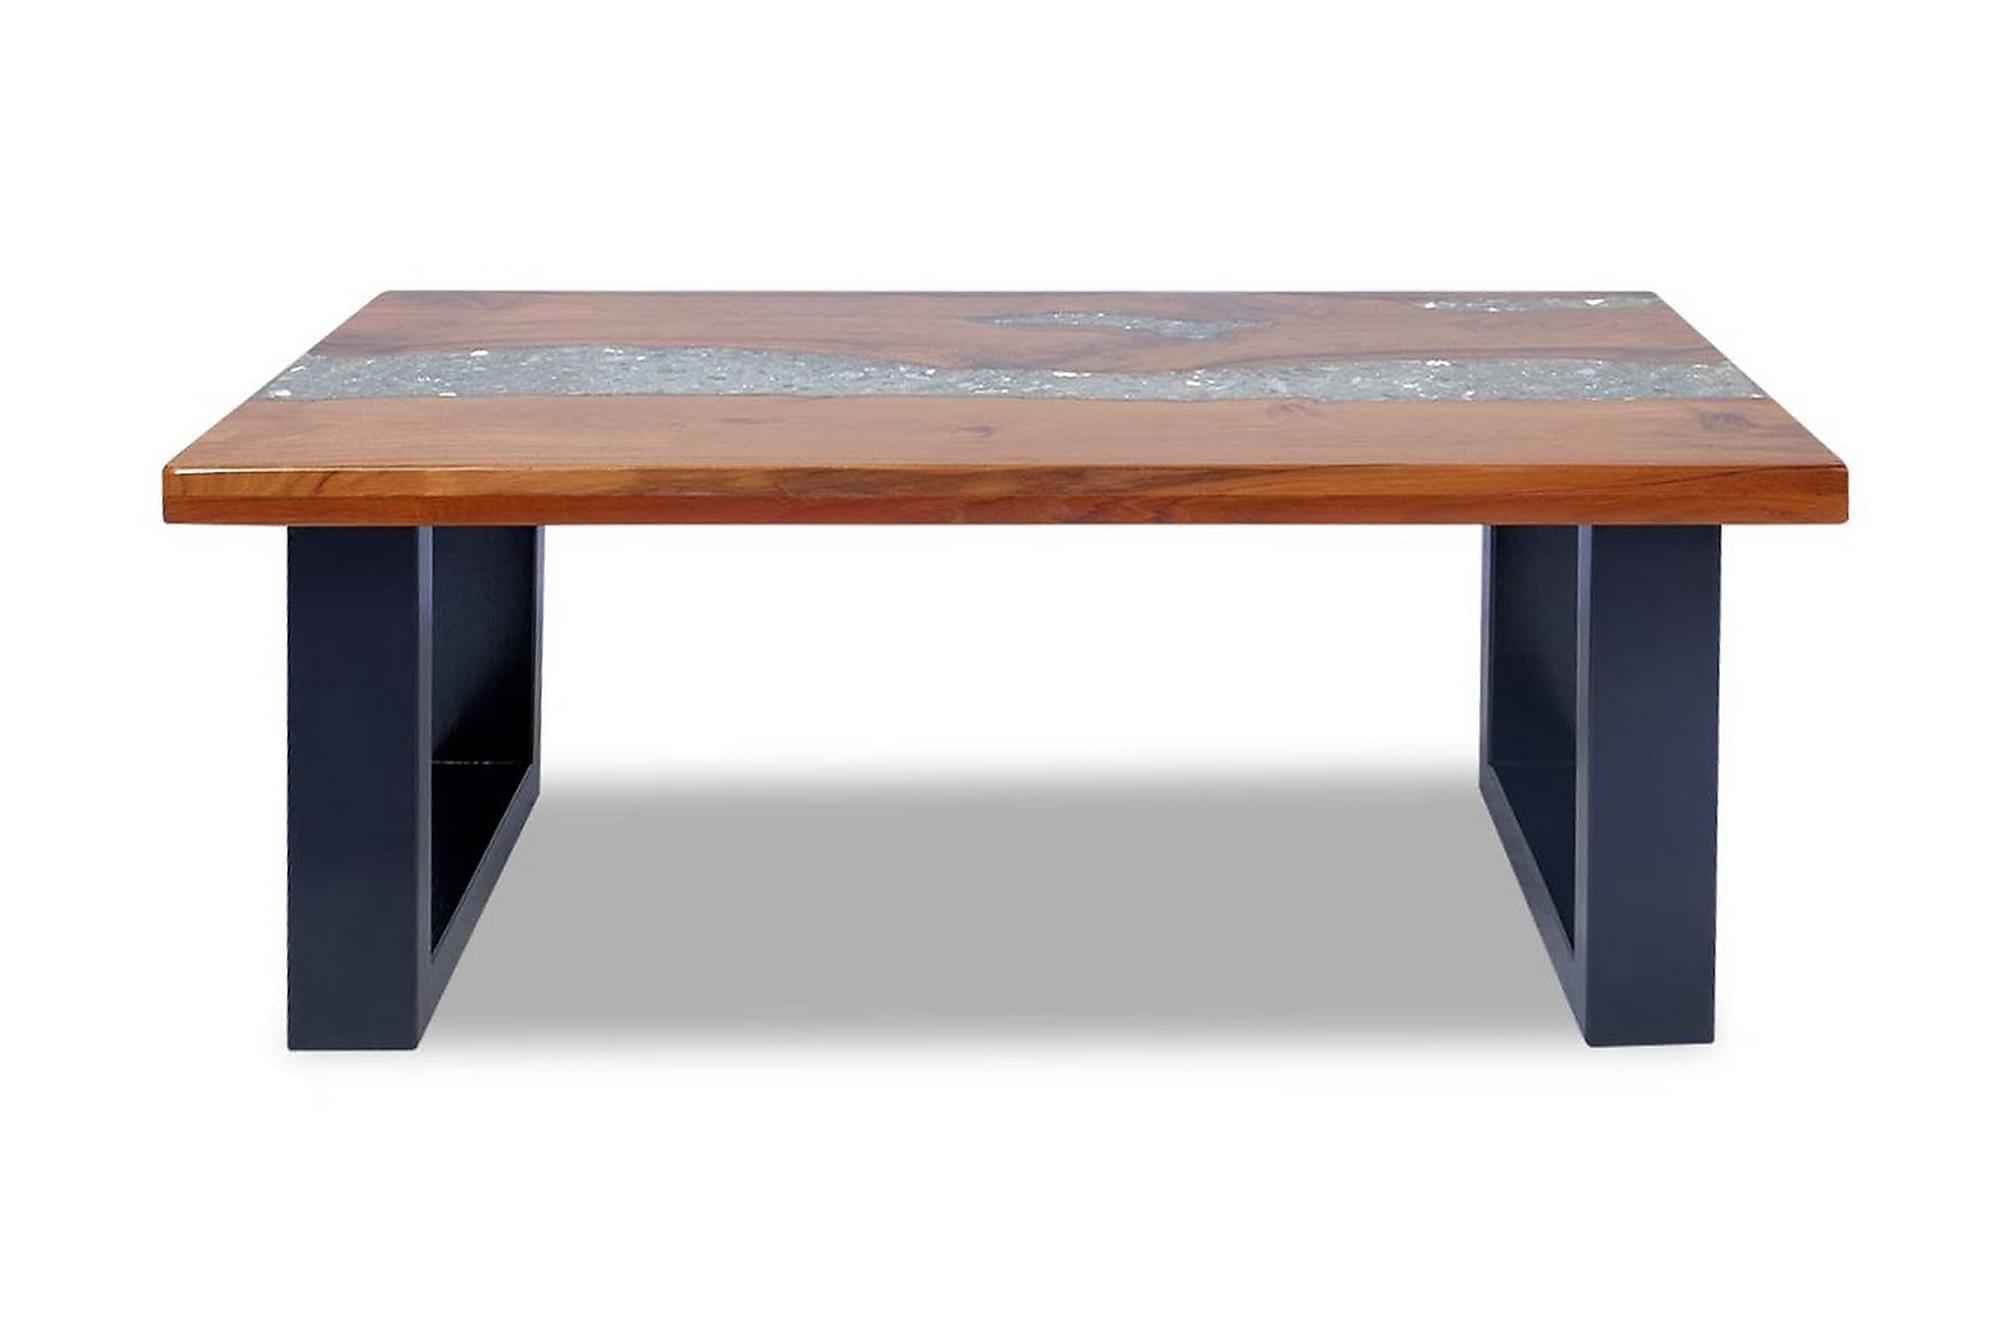 Soffbord teakträ harts 100x50 cm